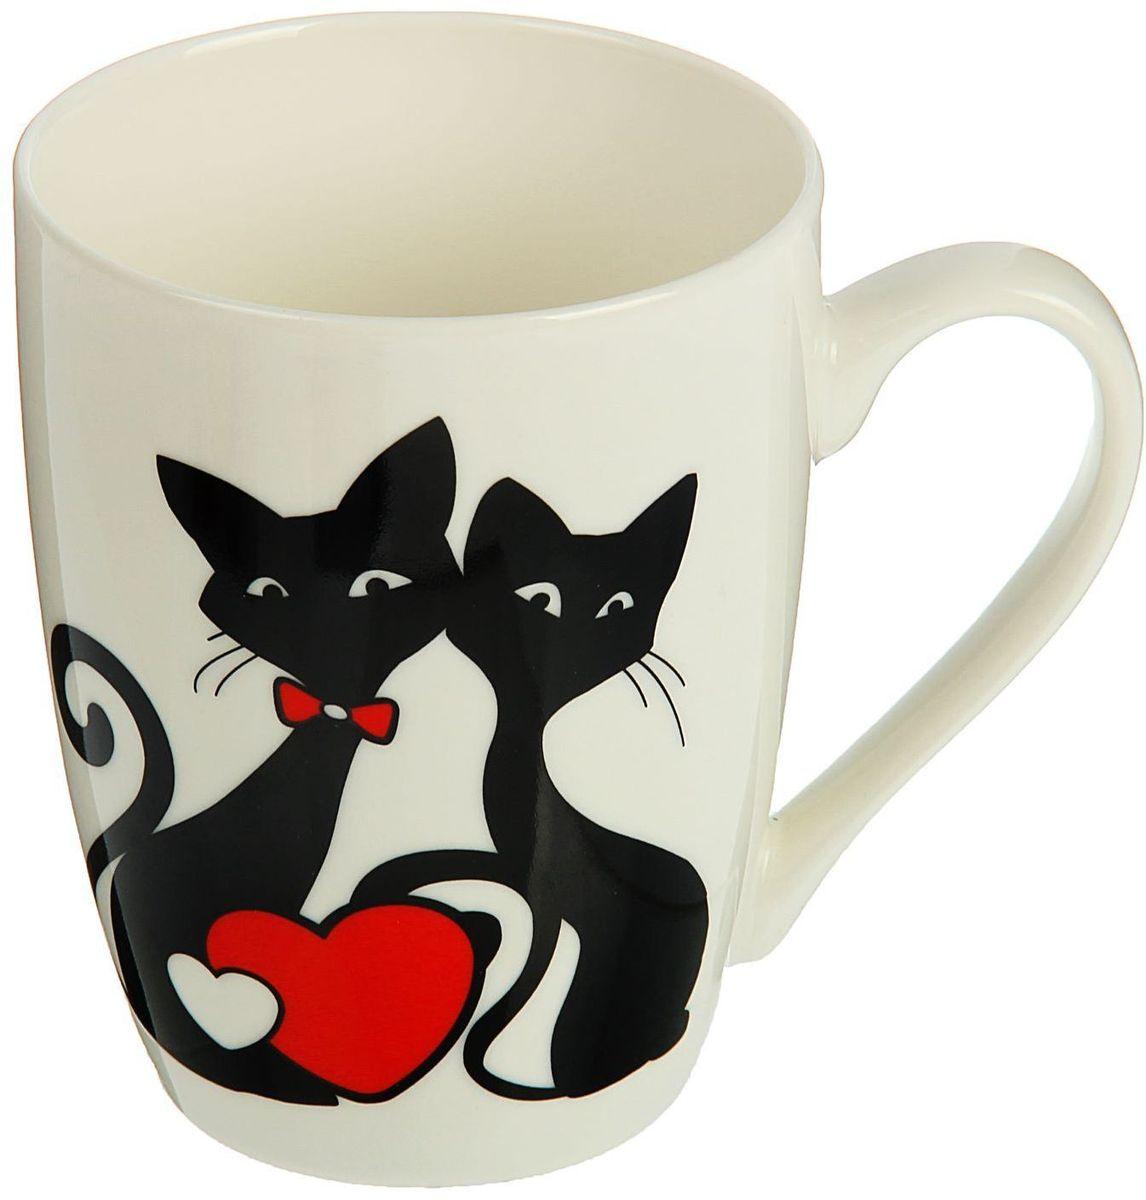 """Кружка Доляна """"Милые котики"""" изготовлена из керамики. Она украшена оригинальным рисунком с котами. Кружка станет отличным подарком для родных и близких. Это любимый аксессуар на долгие годы.  Относитесь к изделию бережно, и оно будет дарить прекрасное настроение каждый день."""